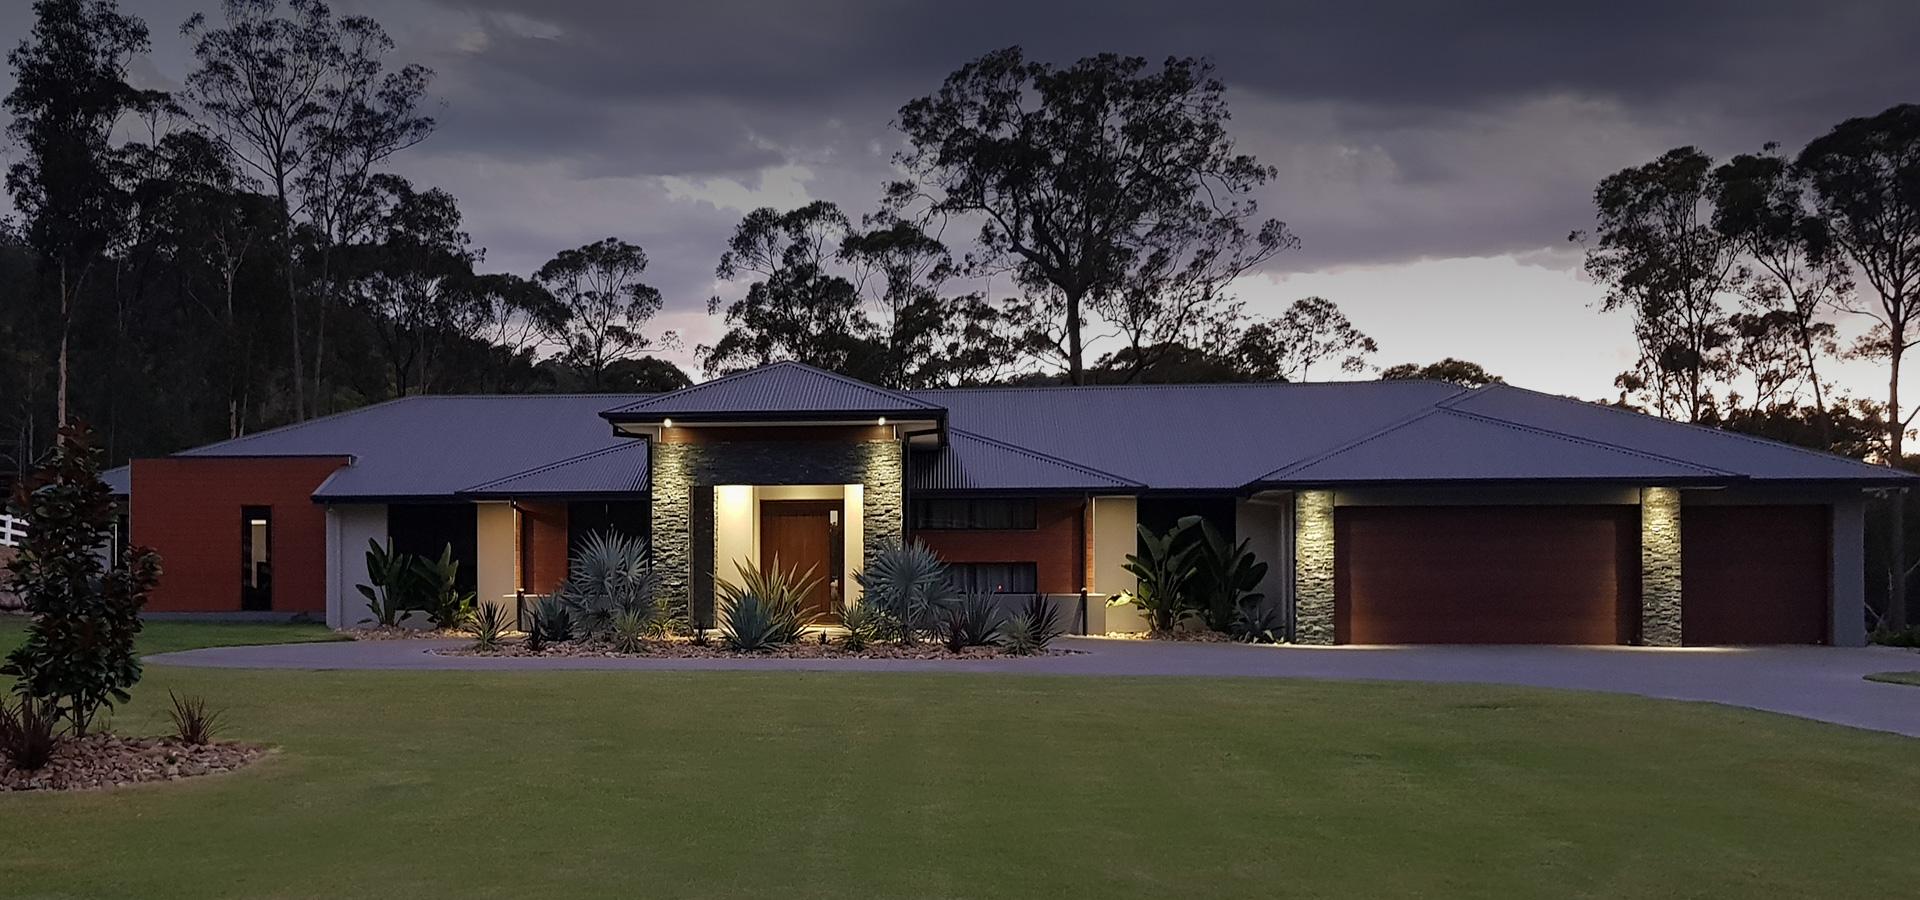 Gold Coast custom home builder